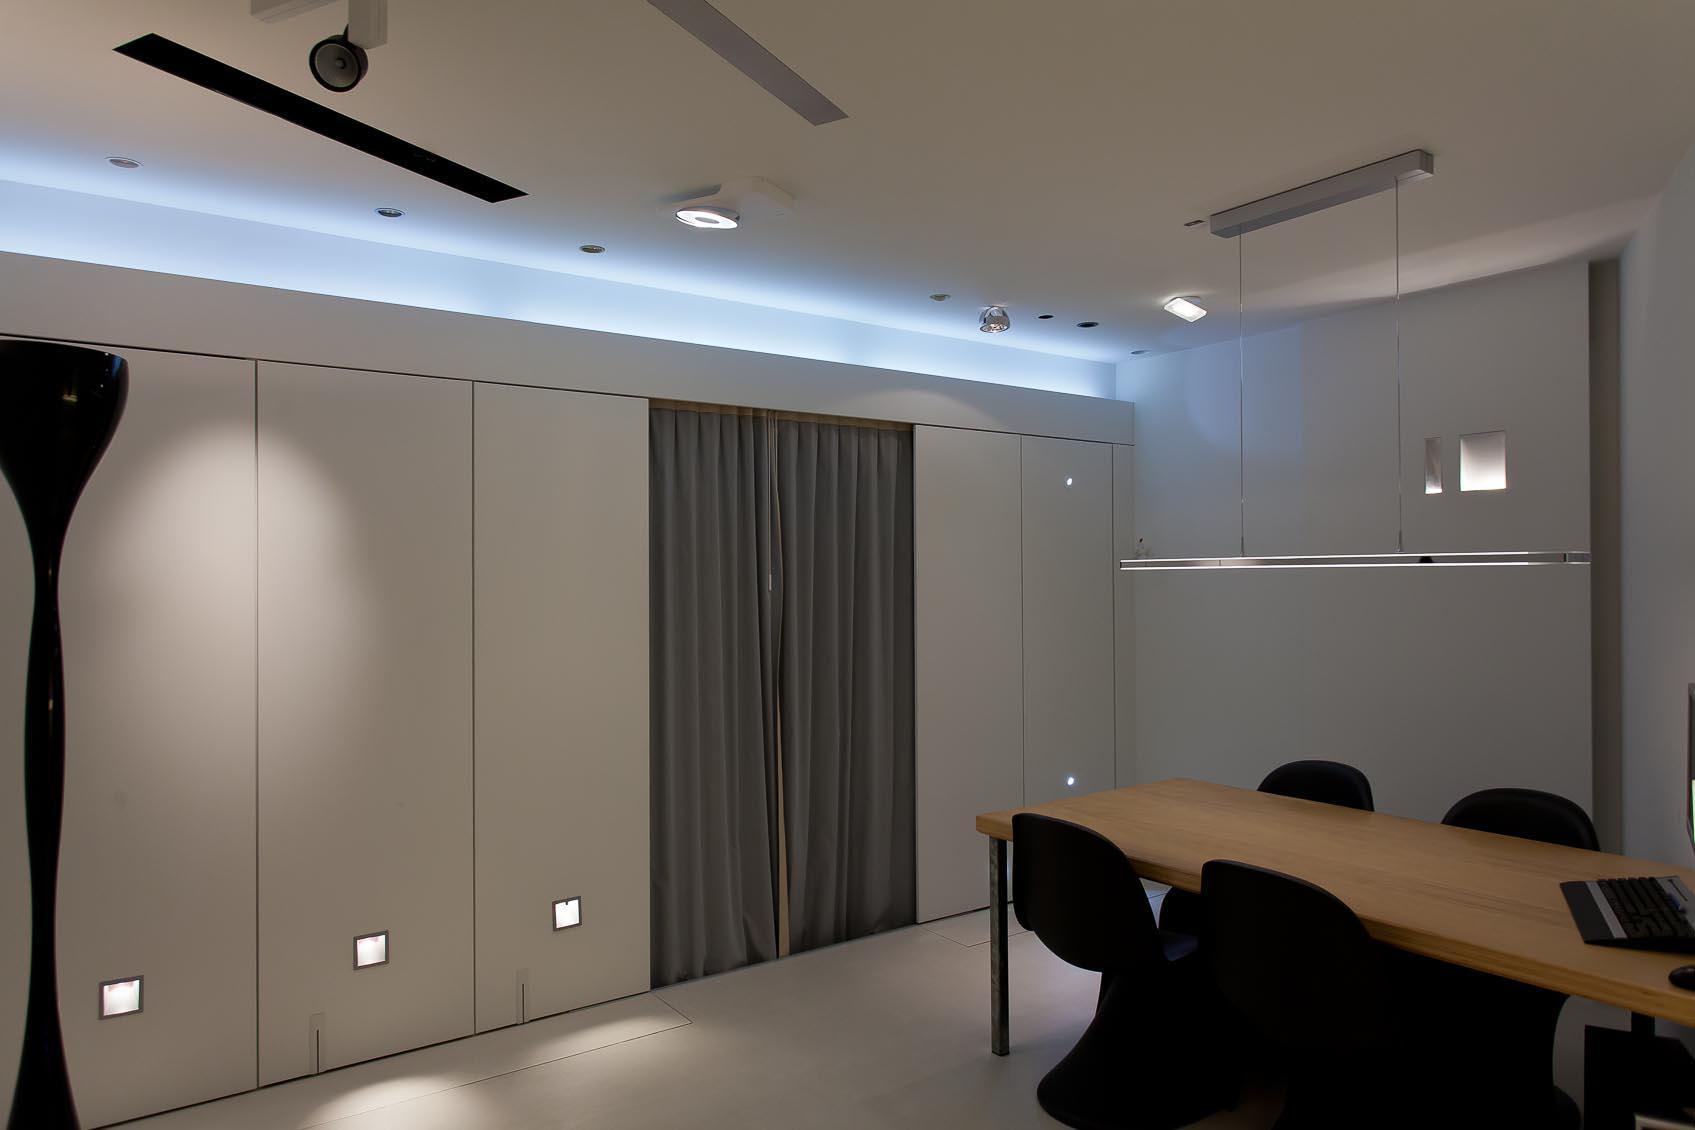 Plafond Inbouwverlichting: Verlaagd plafond keuken glad stucwerk ...